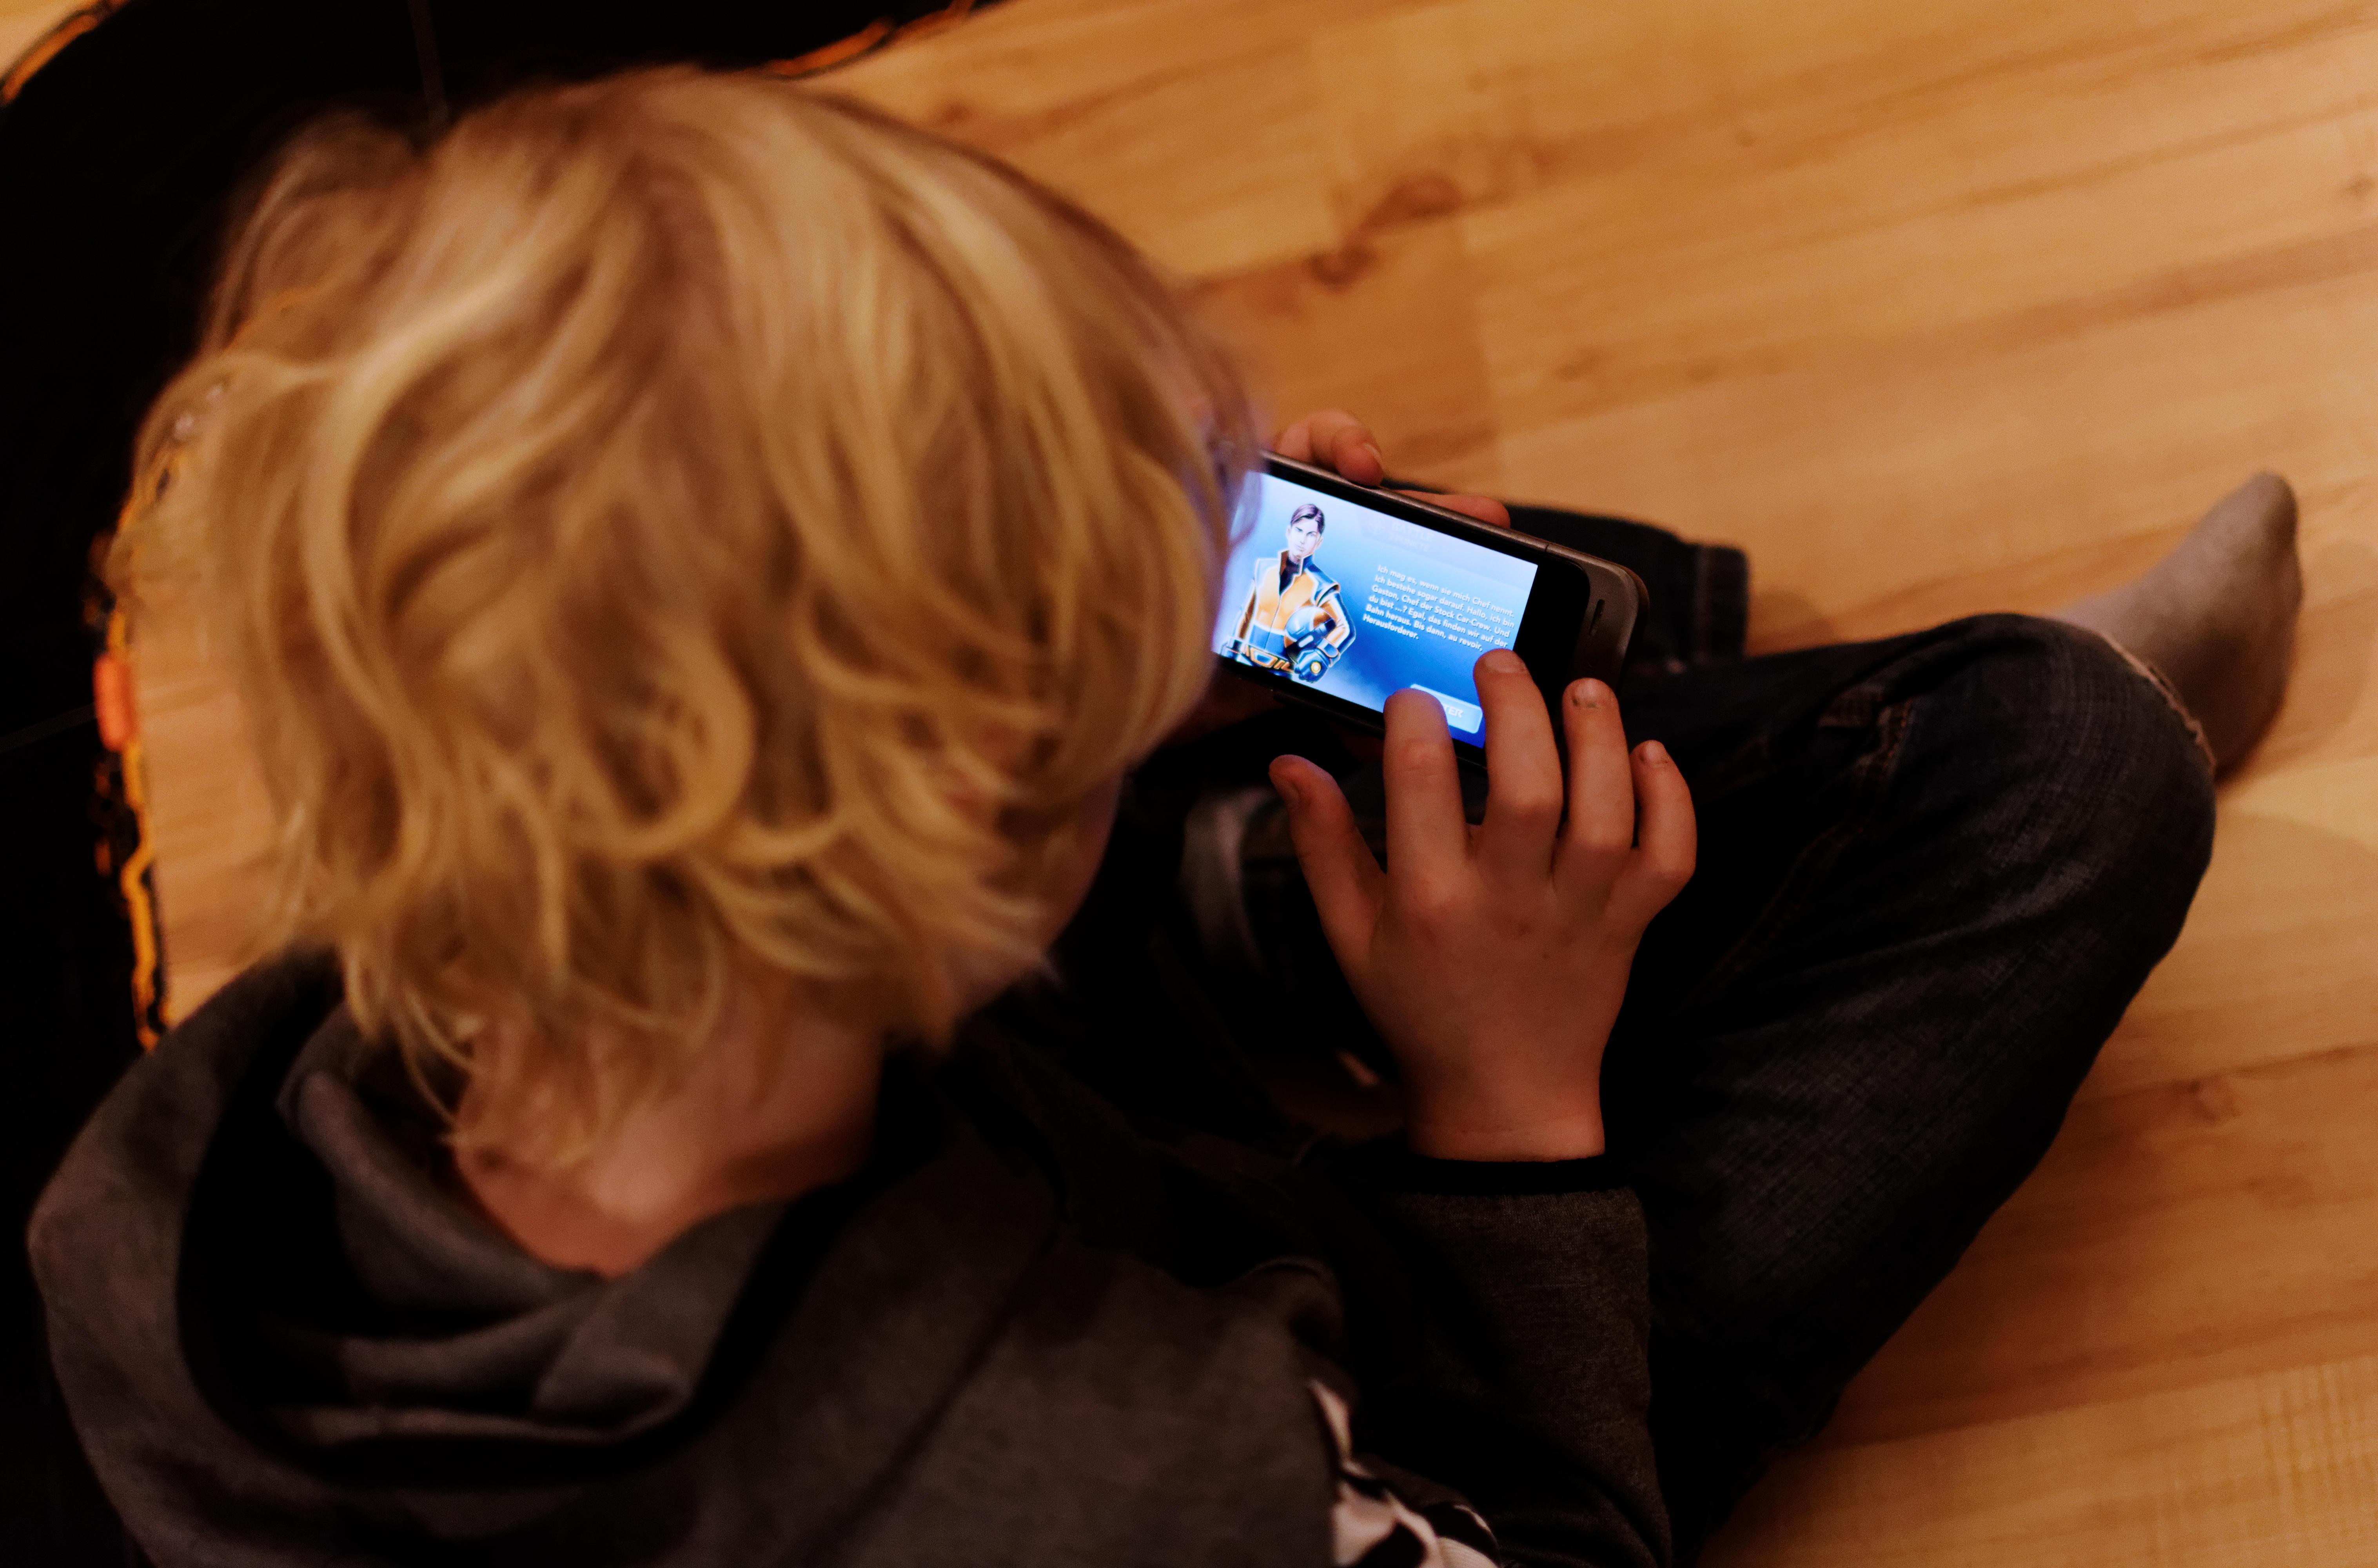 Jojo mit Handy und App